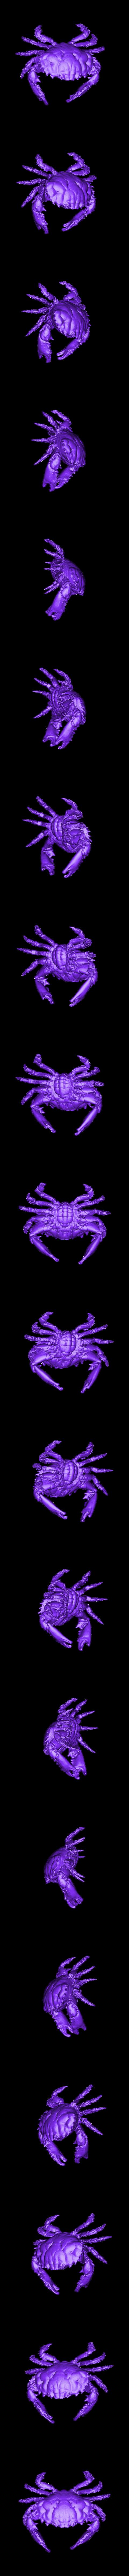 Dark_Finger_Reef_Crab.obj Download free OBJ file Dark Finger Reef Crab • 3D printing design, ThreeDScans